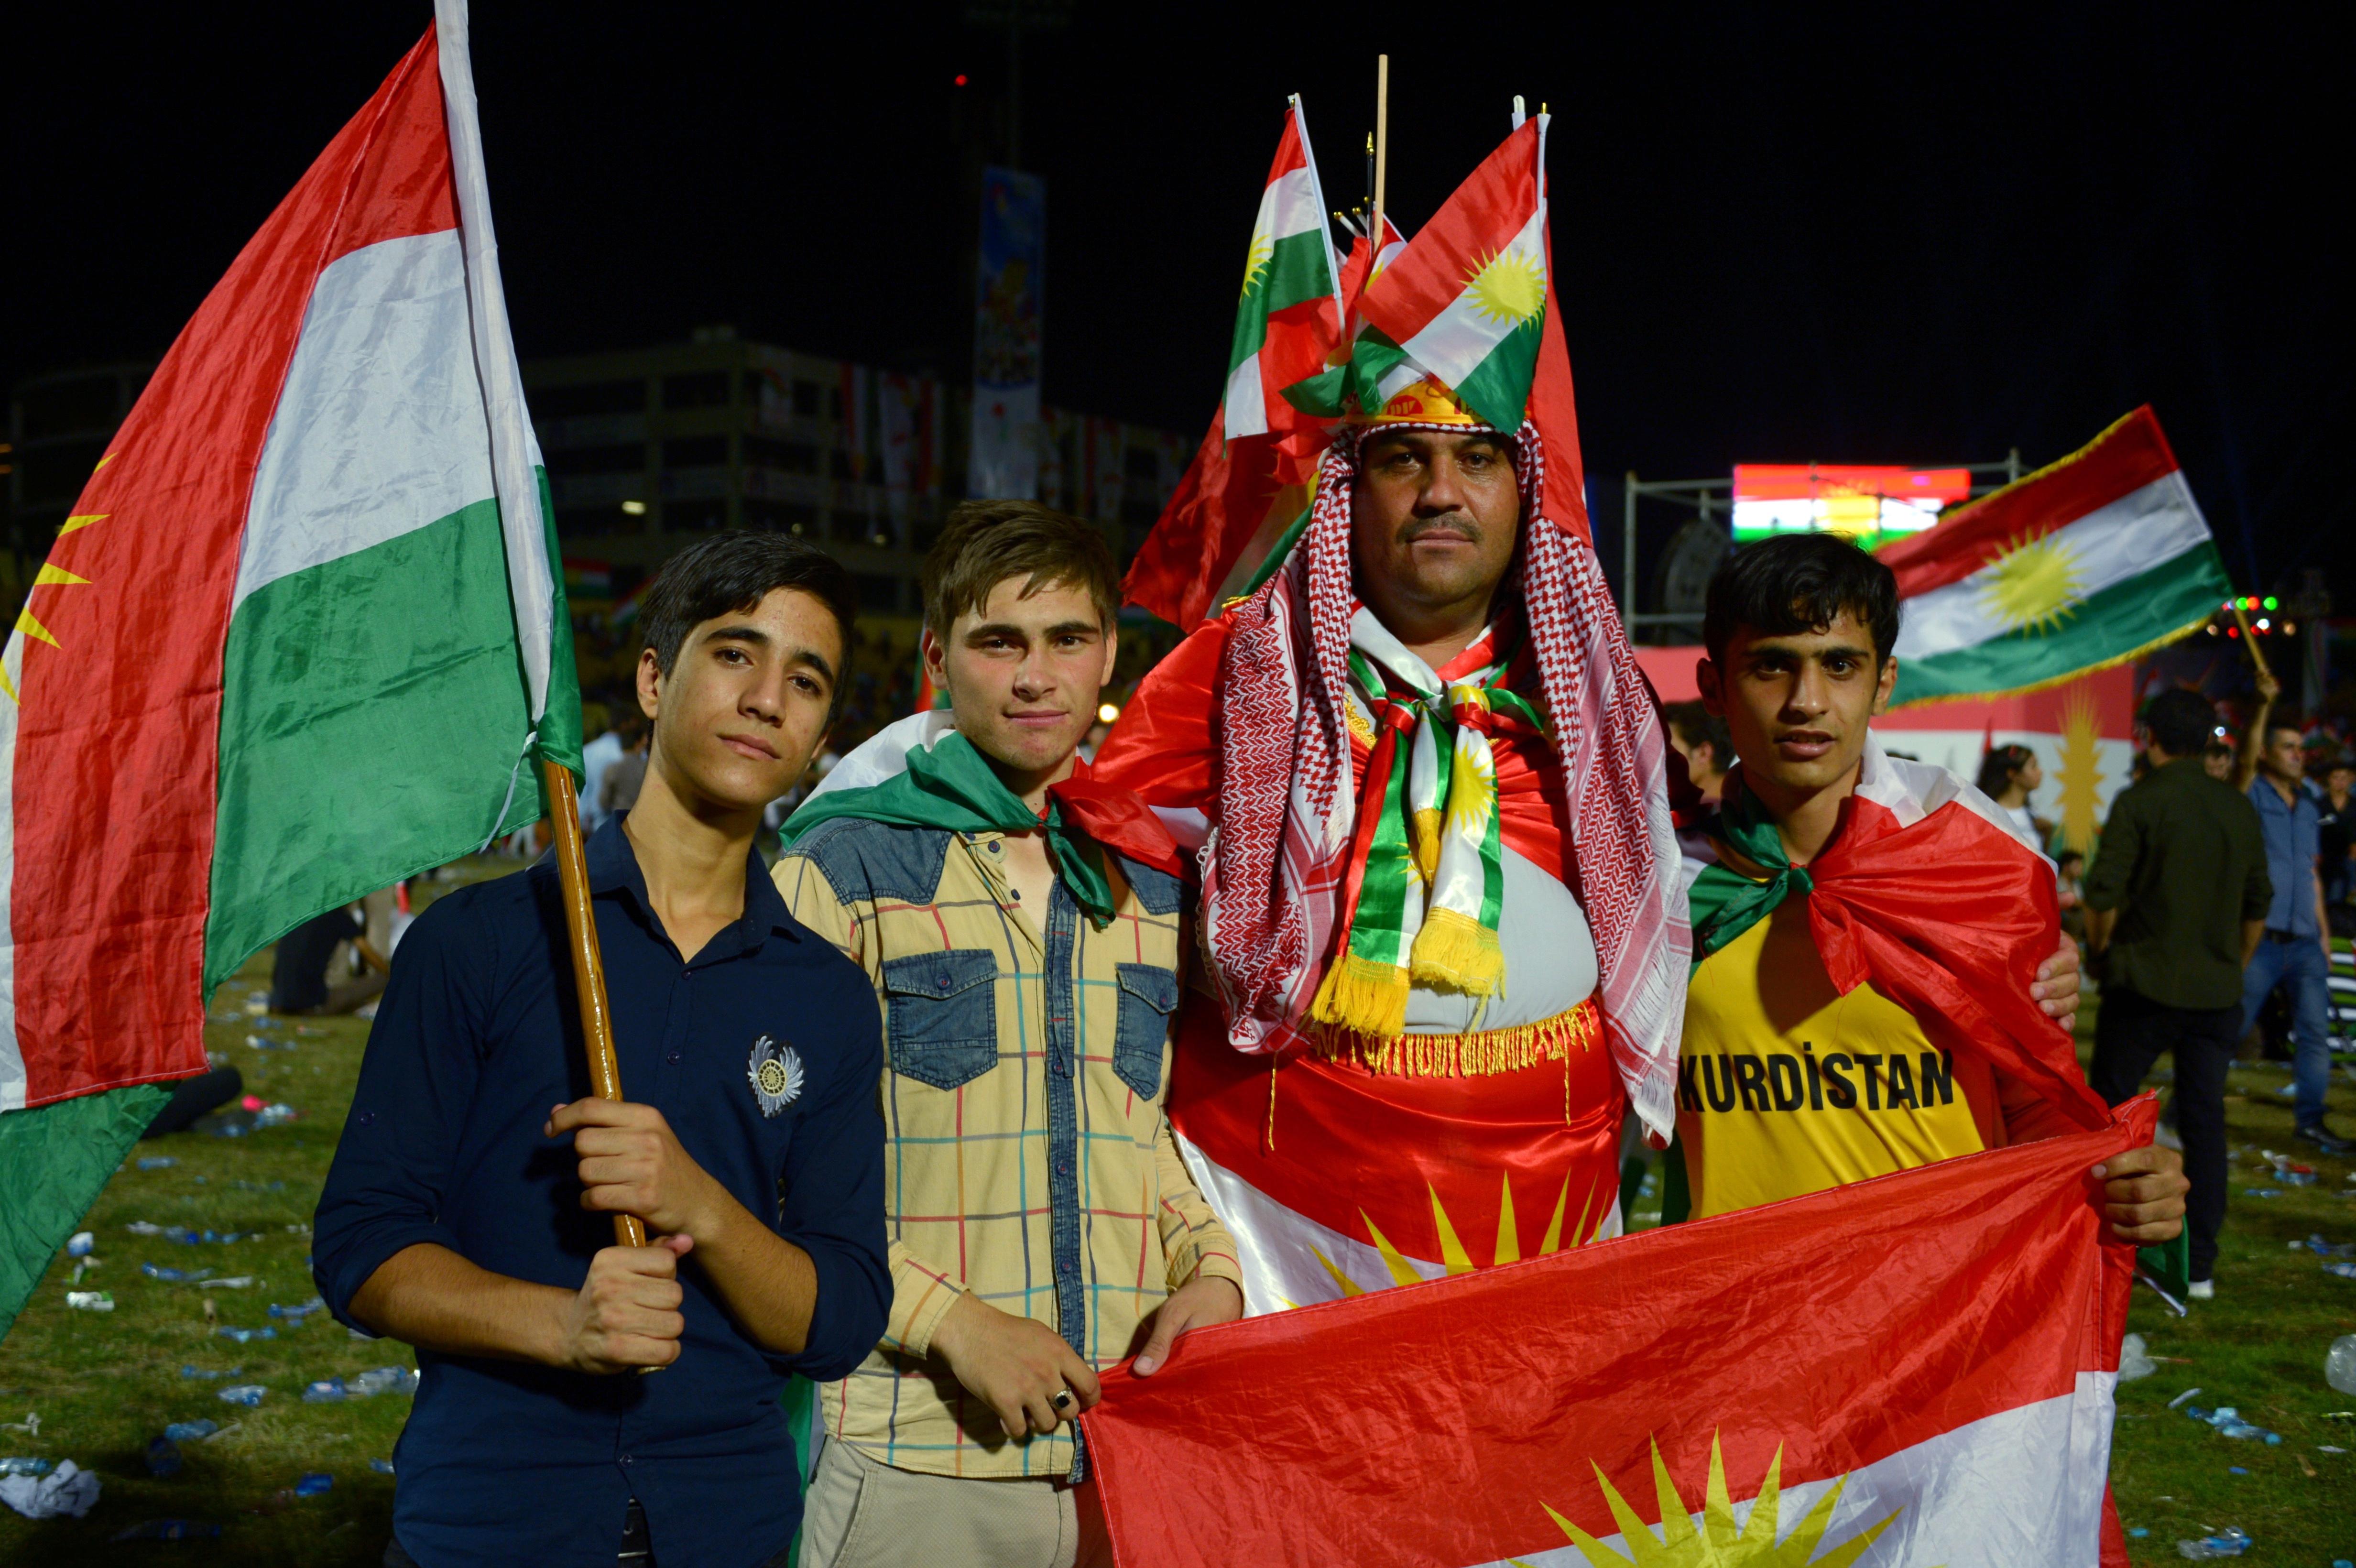 Az iraki kurdok többsége a függetlenségre szavazott